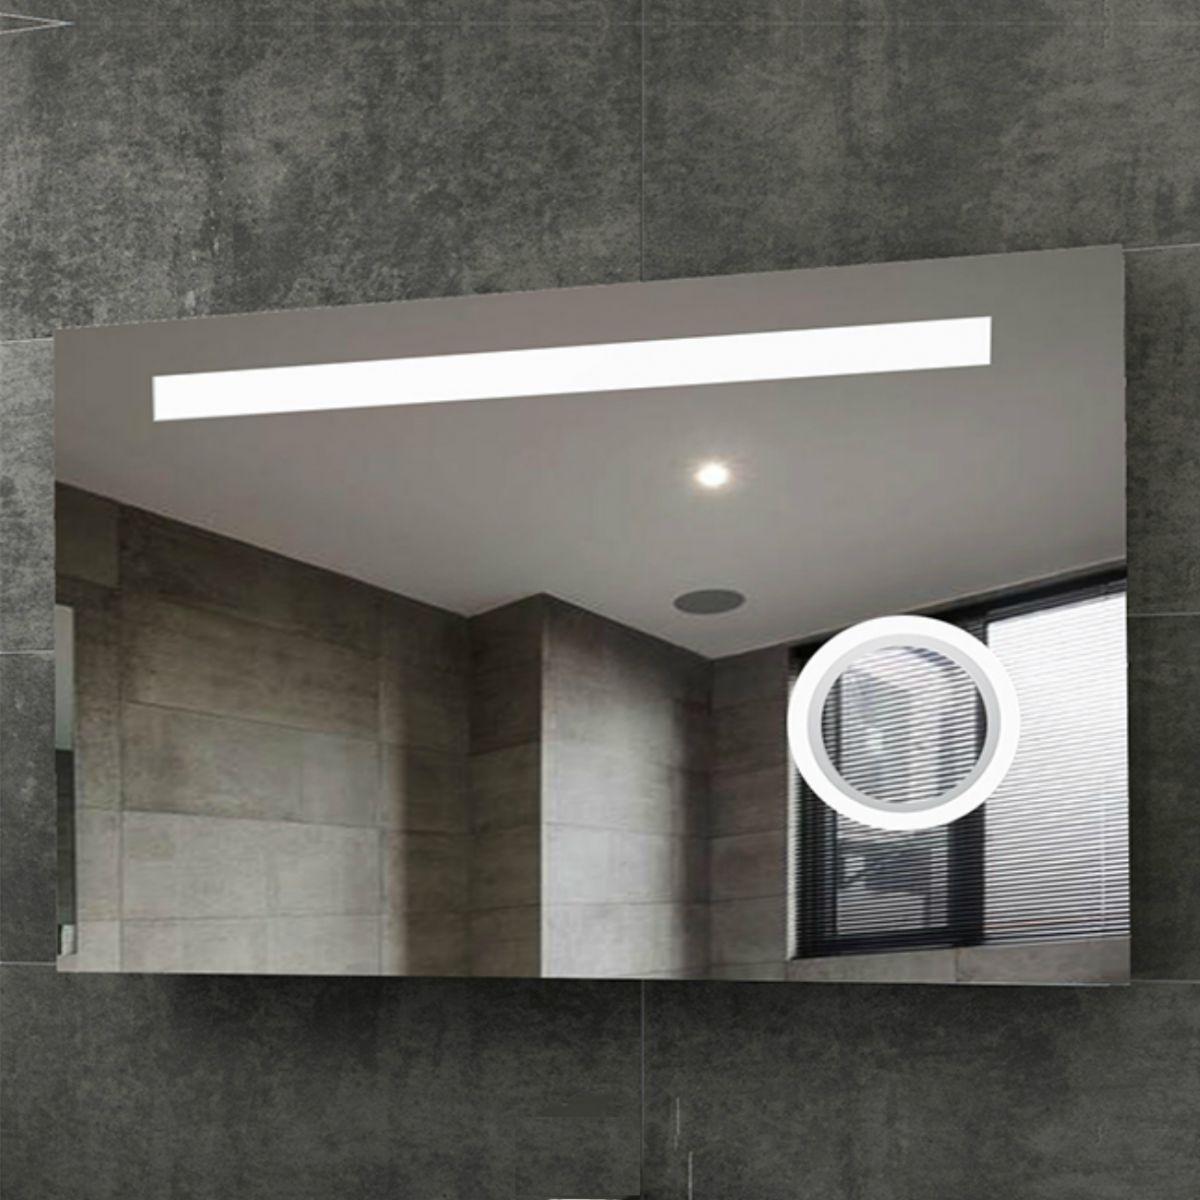 Specchio led retroilluminato 60x100 cm extra big 747 399 Specchio da Bagno